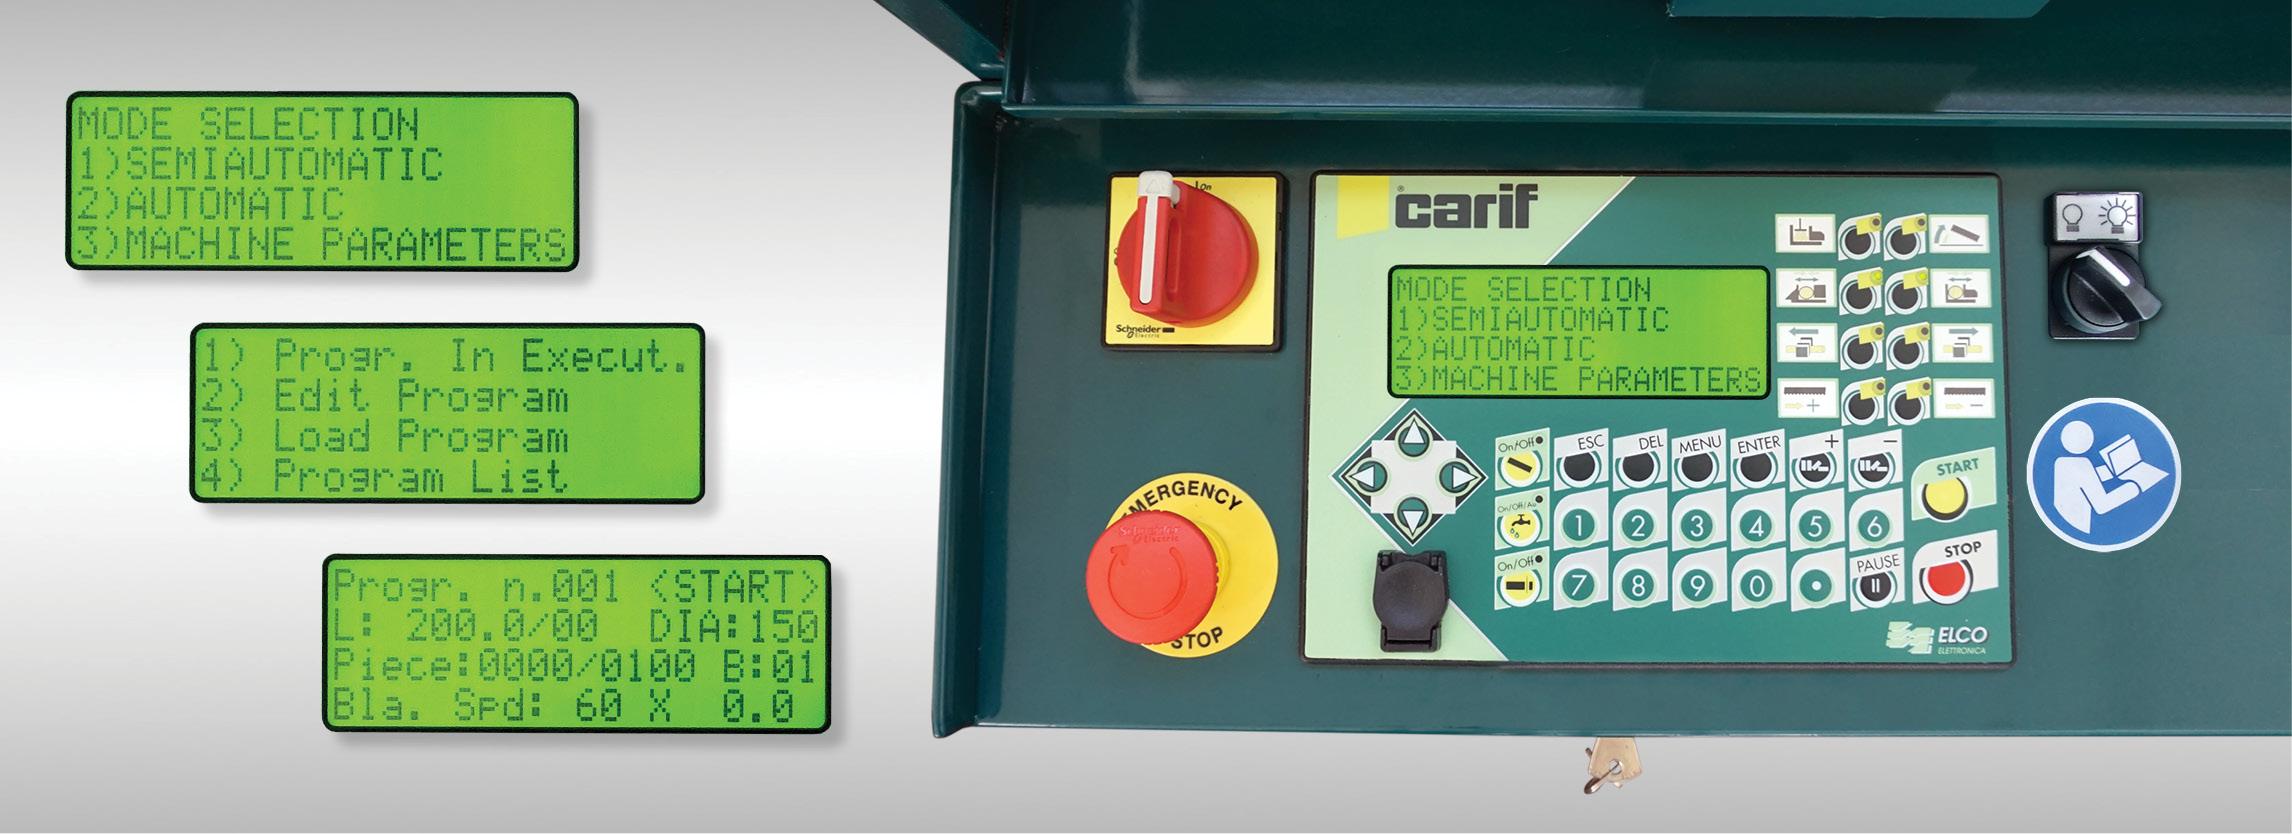 Carif 320 BA CNC slide 06